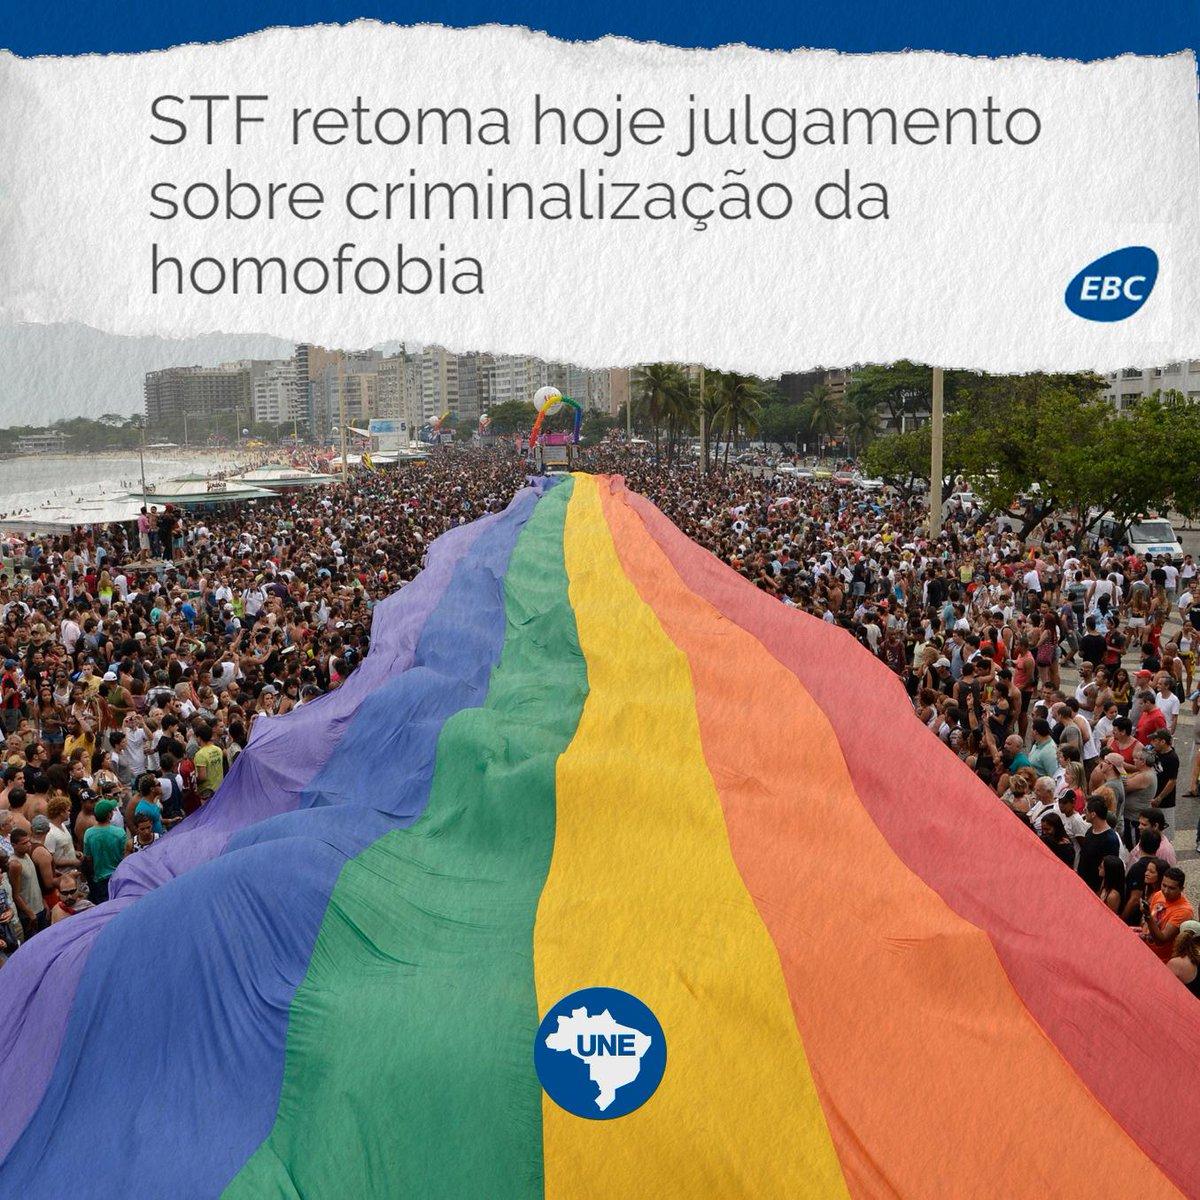 O Supremo Tribunal Federal (STF) retoma hoje (20), a partir das 14h, julgamento sobre criminalização da homofobia. O Brasil é o país que mais mata LGBTs no mundo. É hora de garantir a liberdade e a vida.  Parem de nos matar!  #CriminalizaSTF